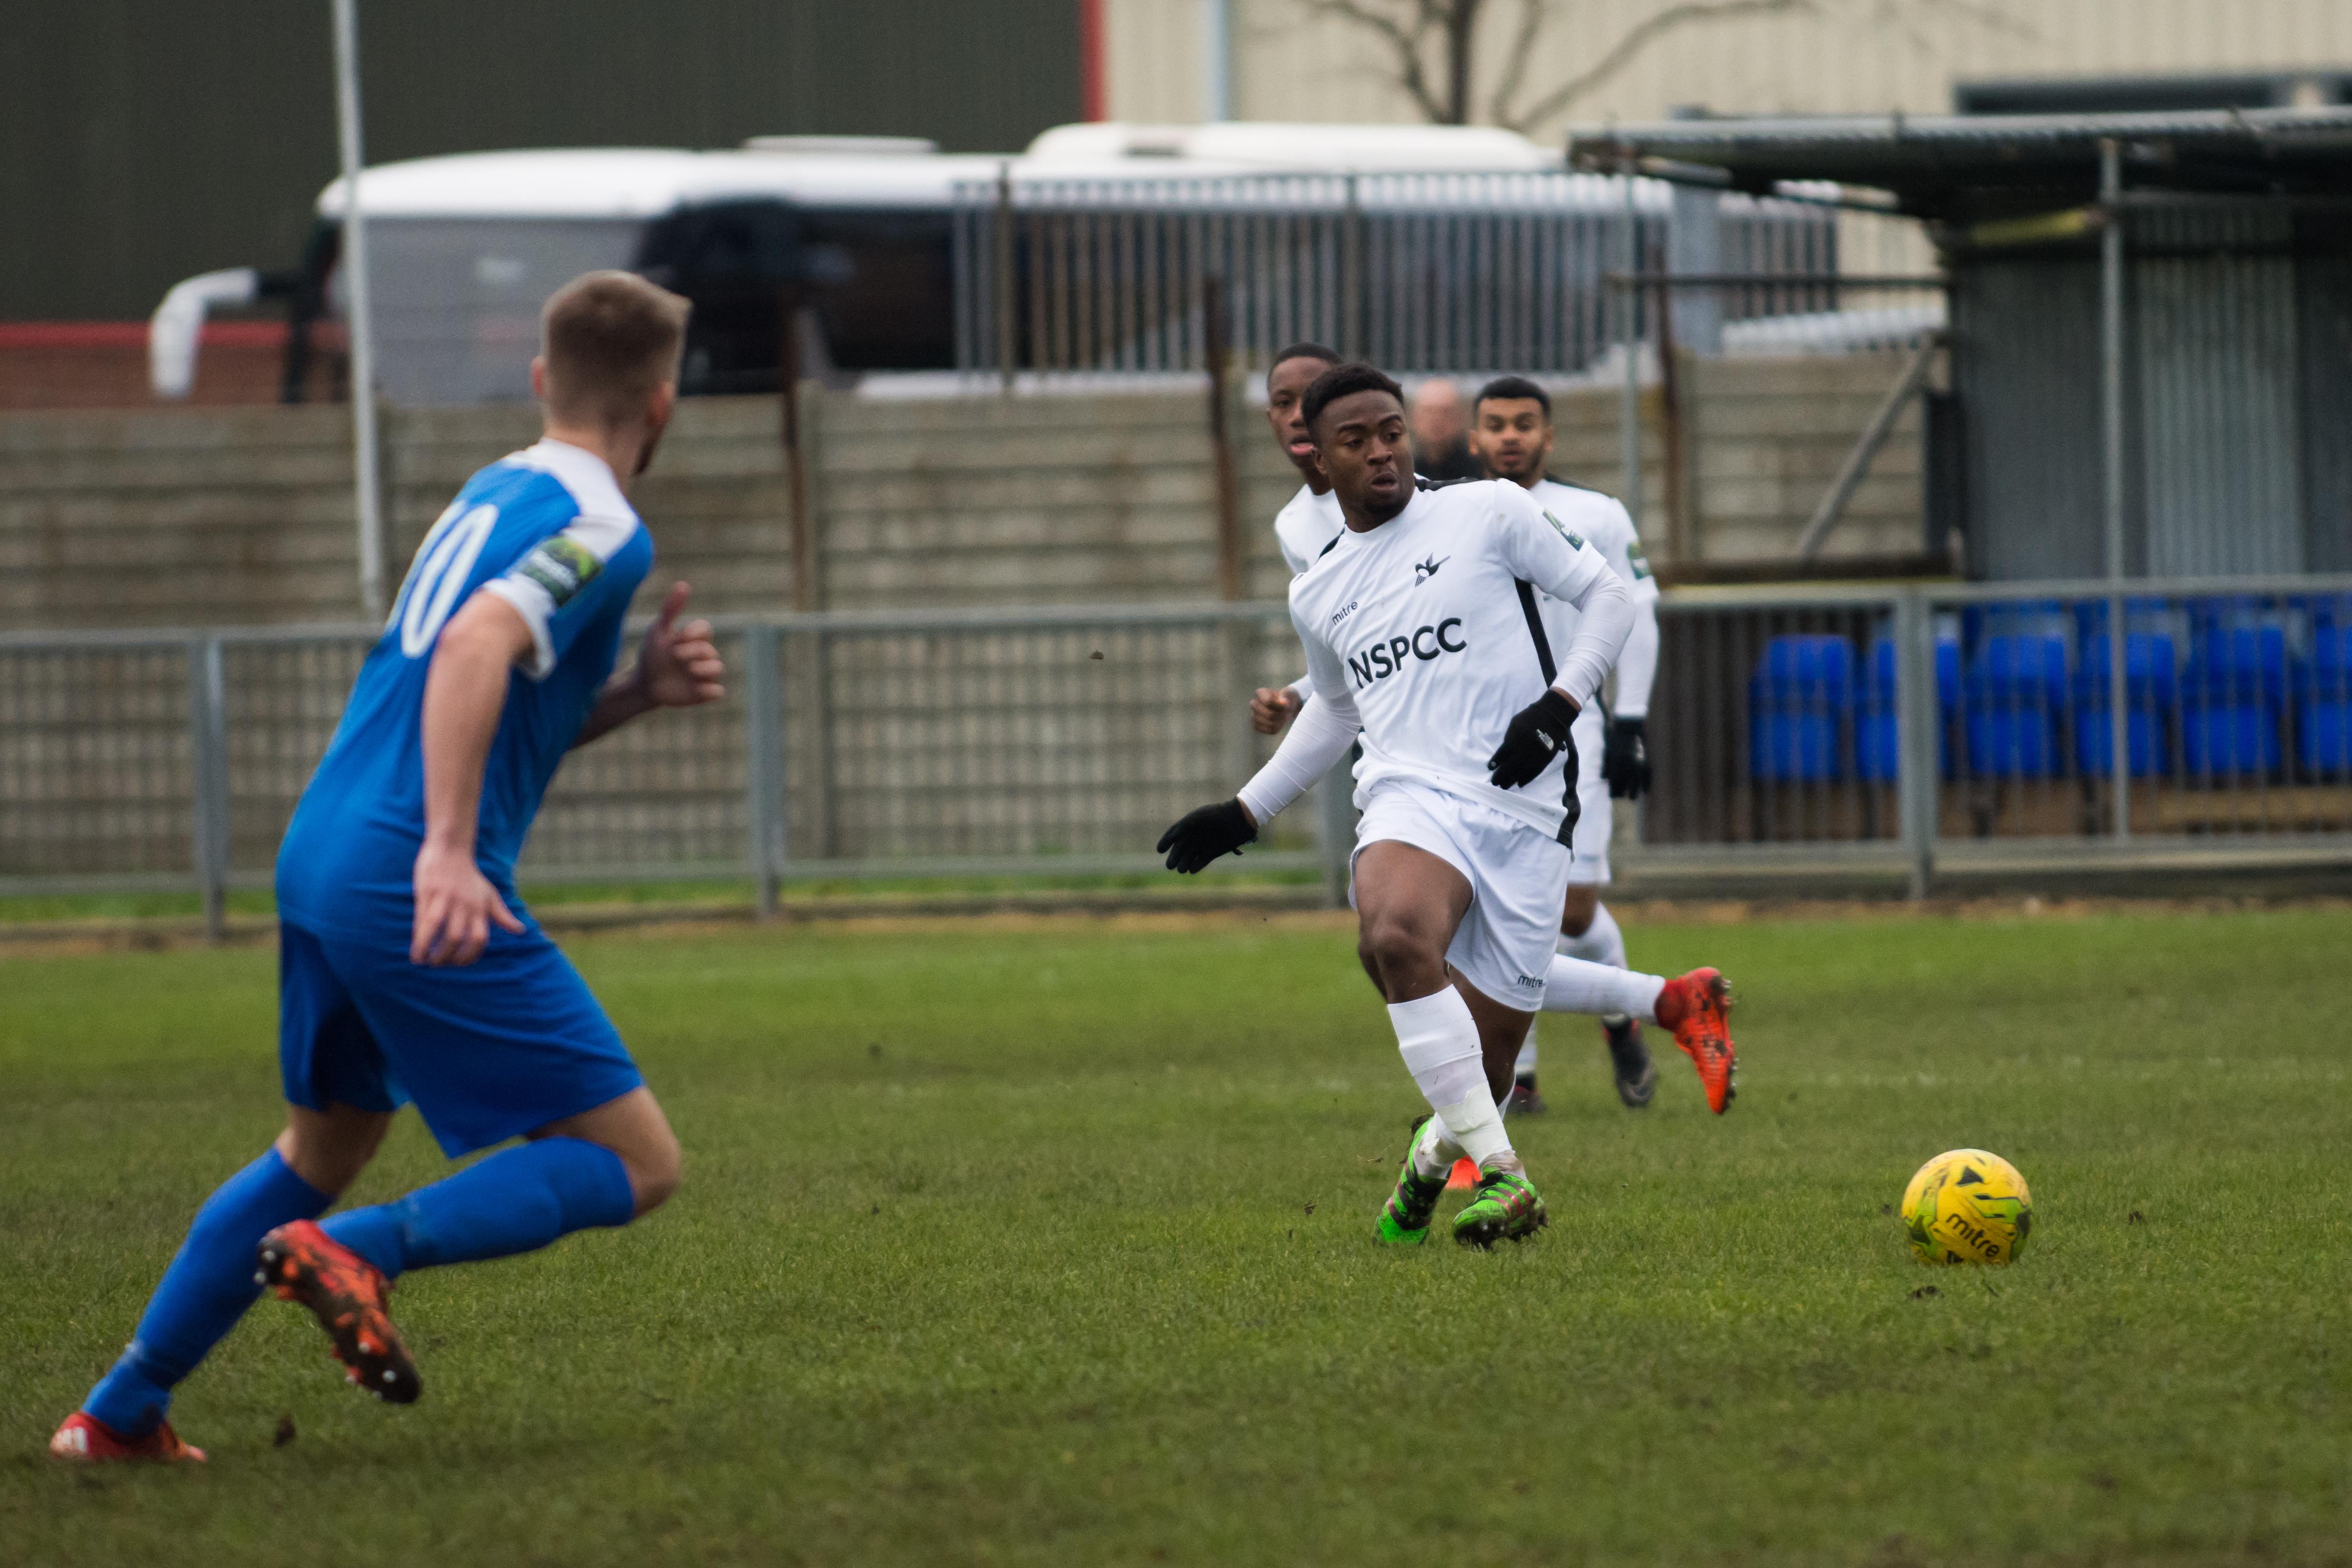 Shoreham FC vs Carshalton Ath 23.12.17 44